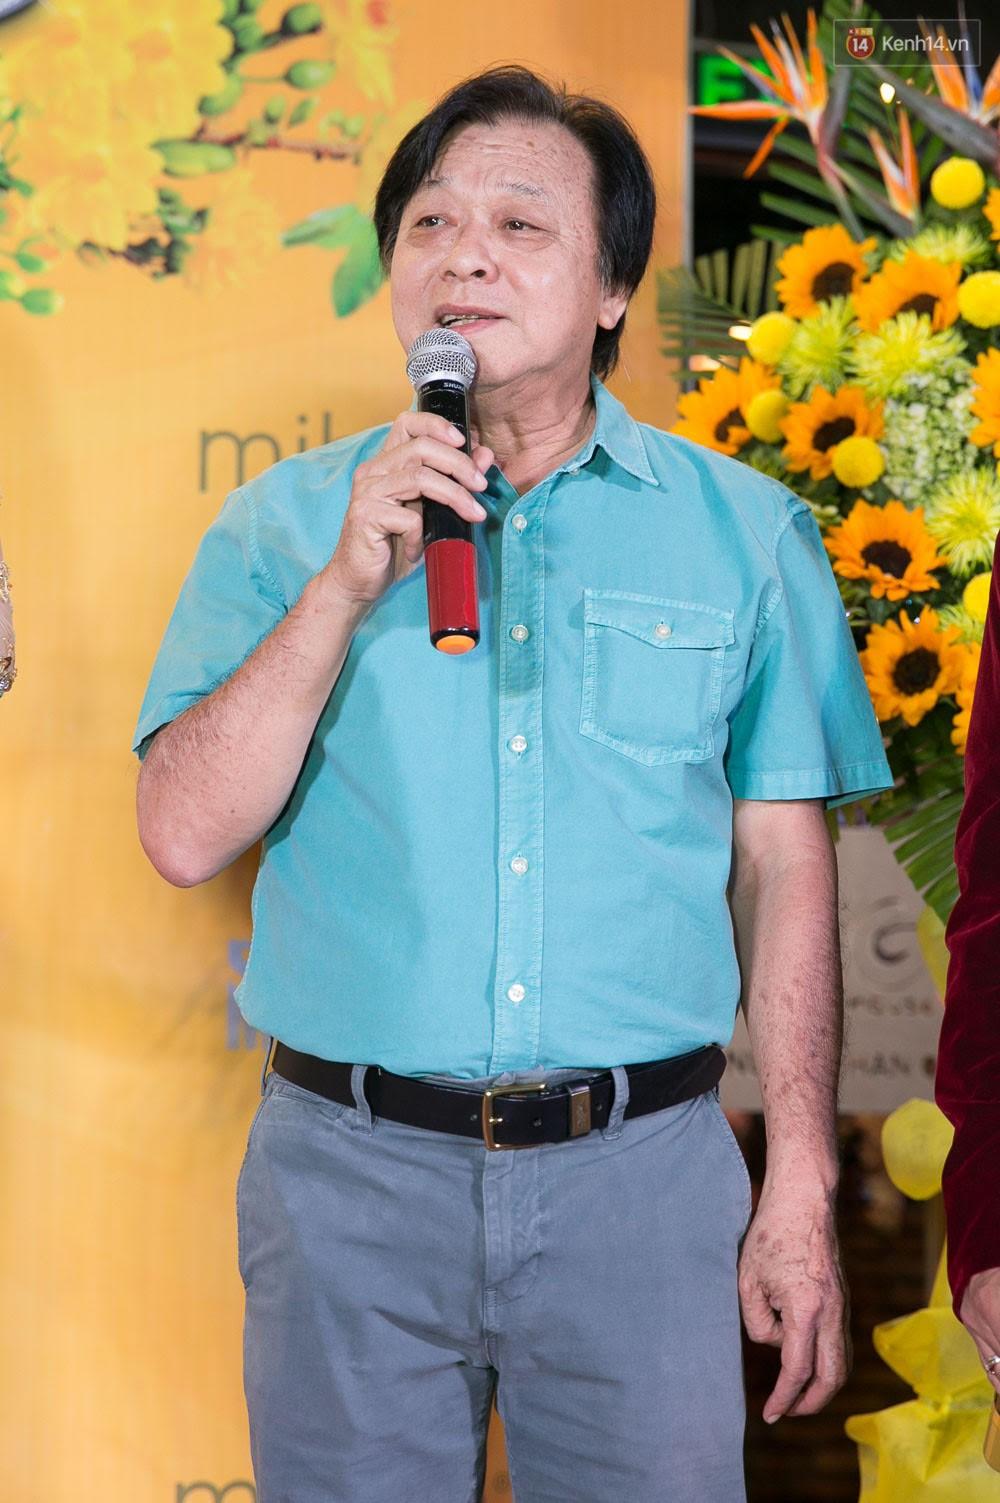 Hoài Linh đeo khẩu trang, ăn mặc đơn giản bất ngờ tại sự kiện công chiếu phim Tết - Ảnh 6.